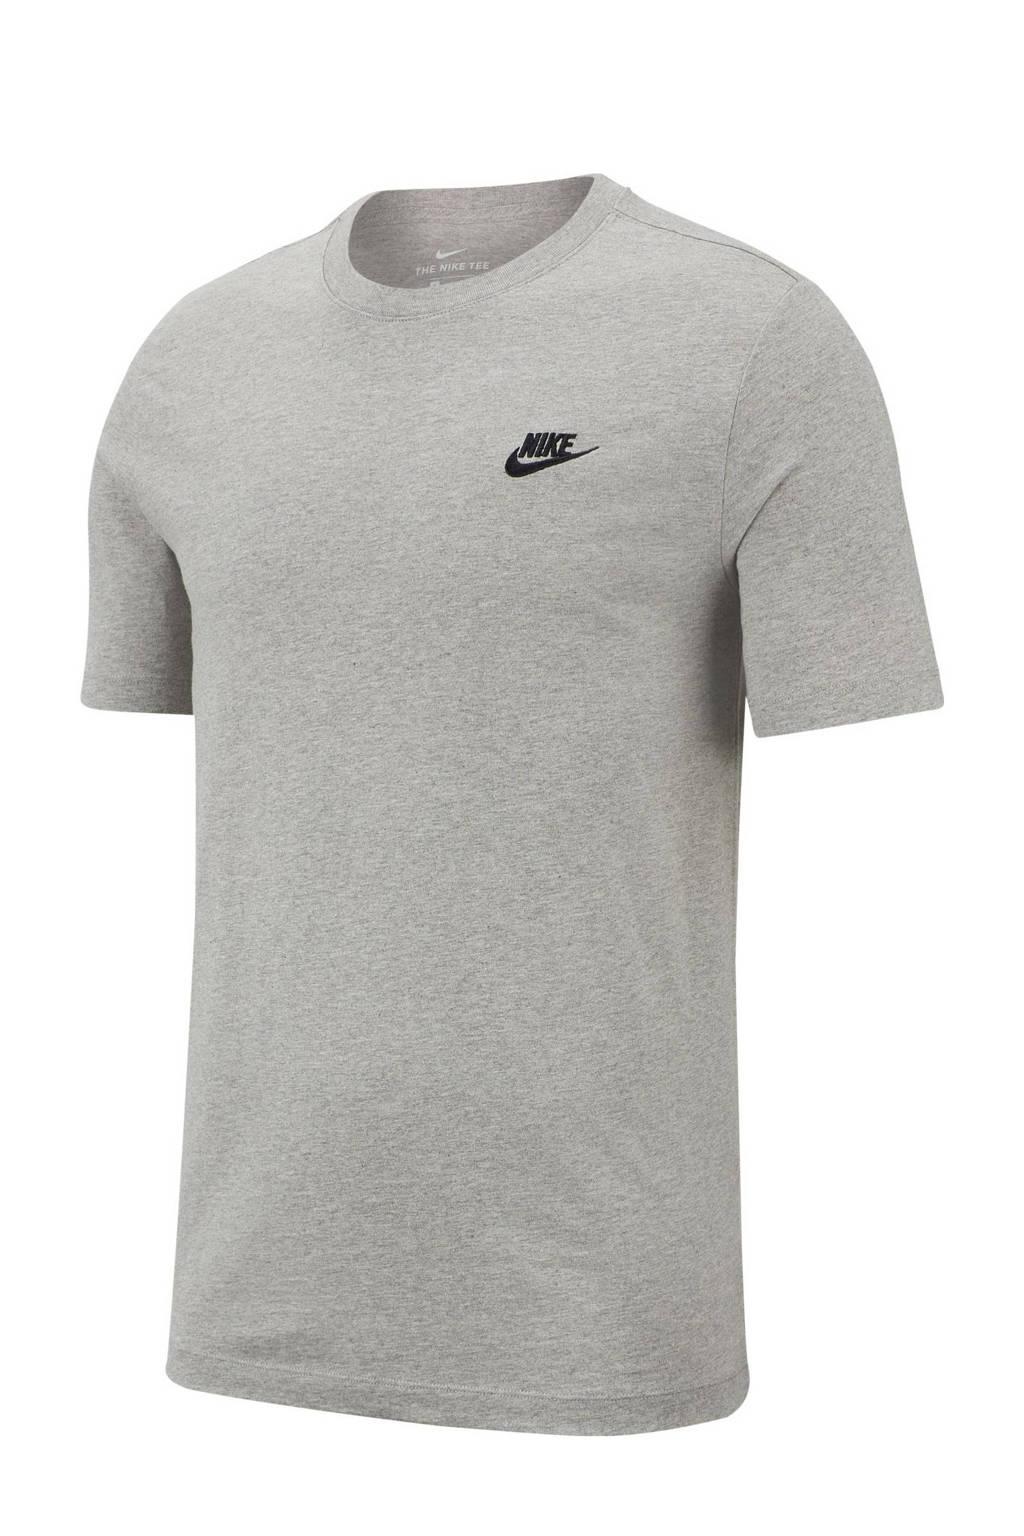 Nike T-shirt grijs, Grijs melange/zwart